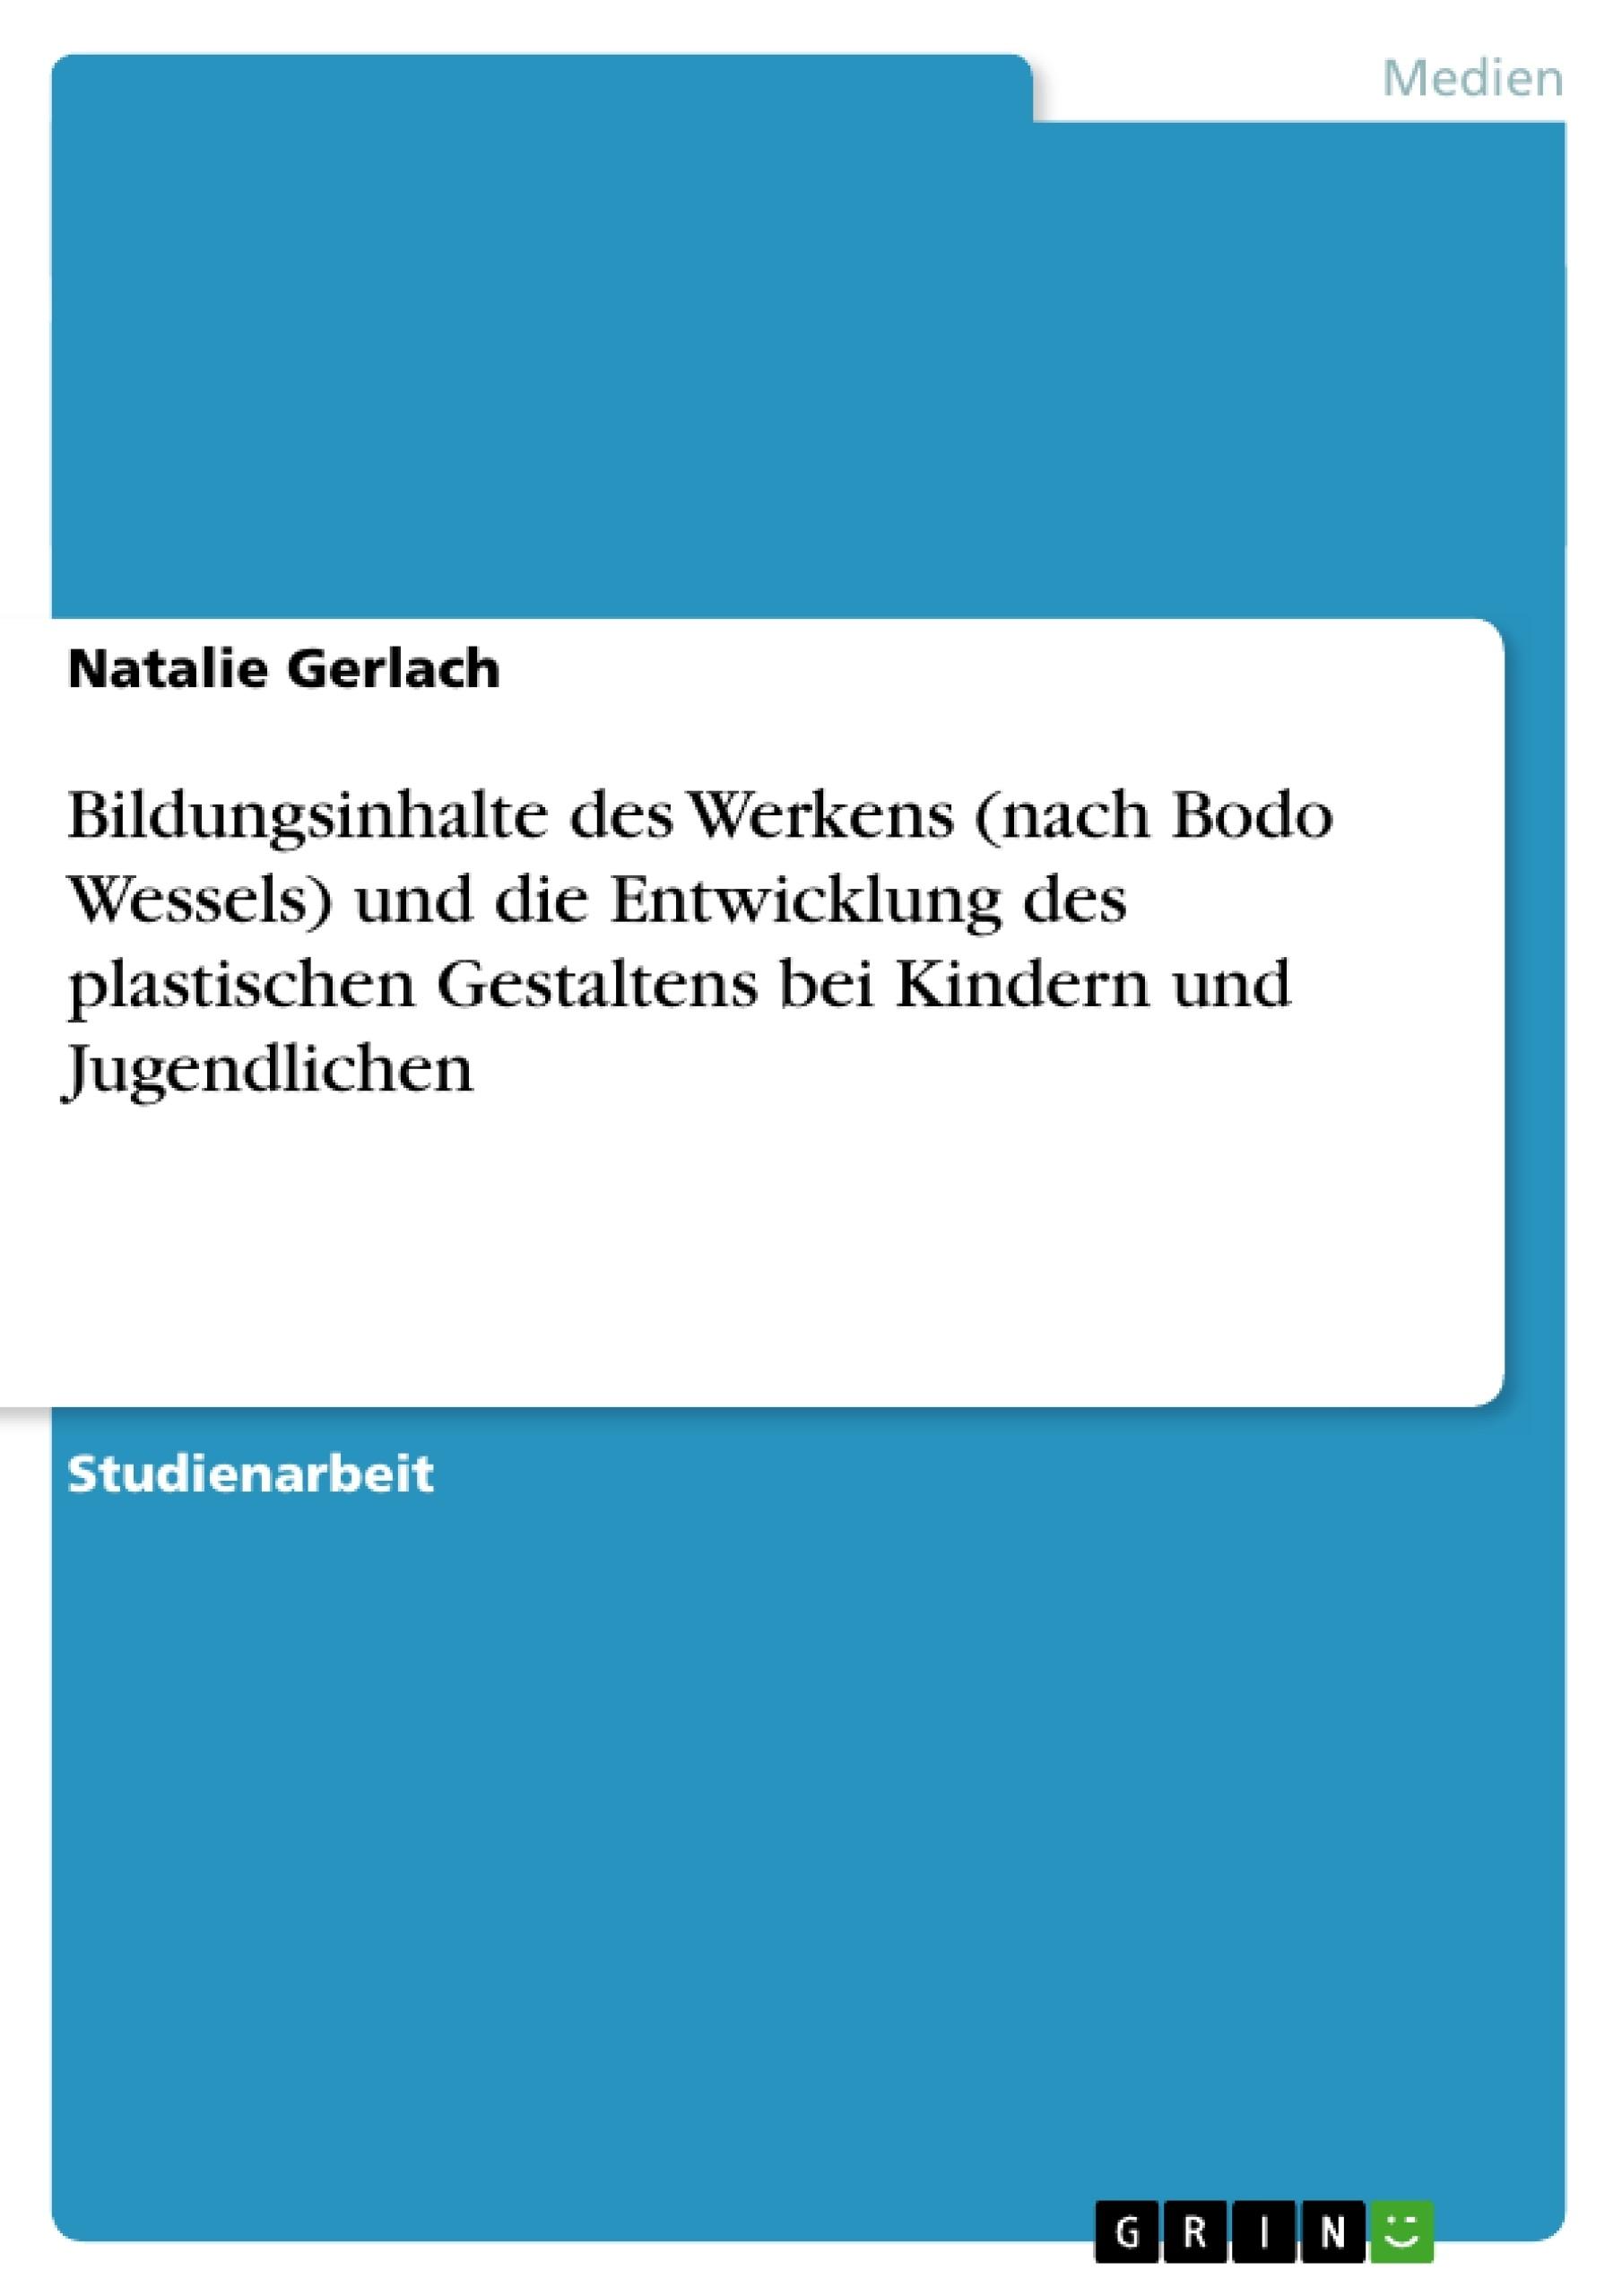 Titel: Bildungsinhalte des Werkens (nach Bodo Wessels) und die  Entwicklung des plastischen Gestaltens bei Kindern und Jugendlichen